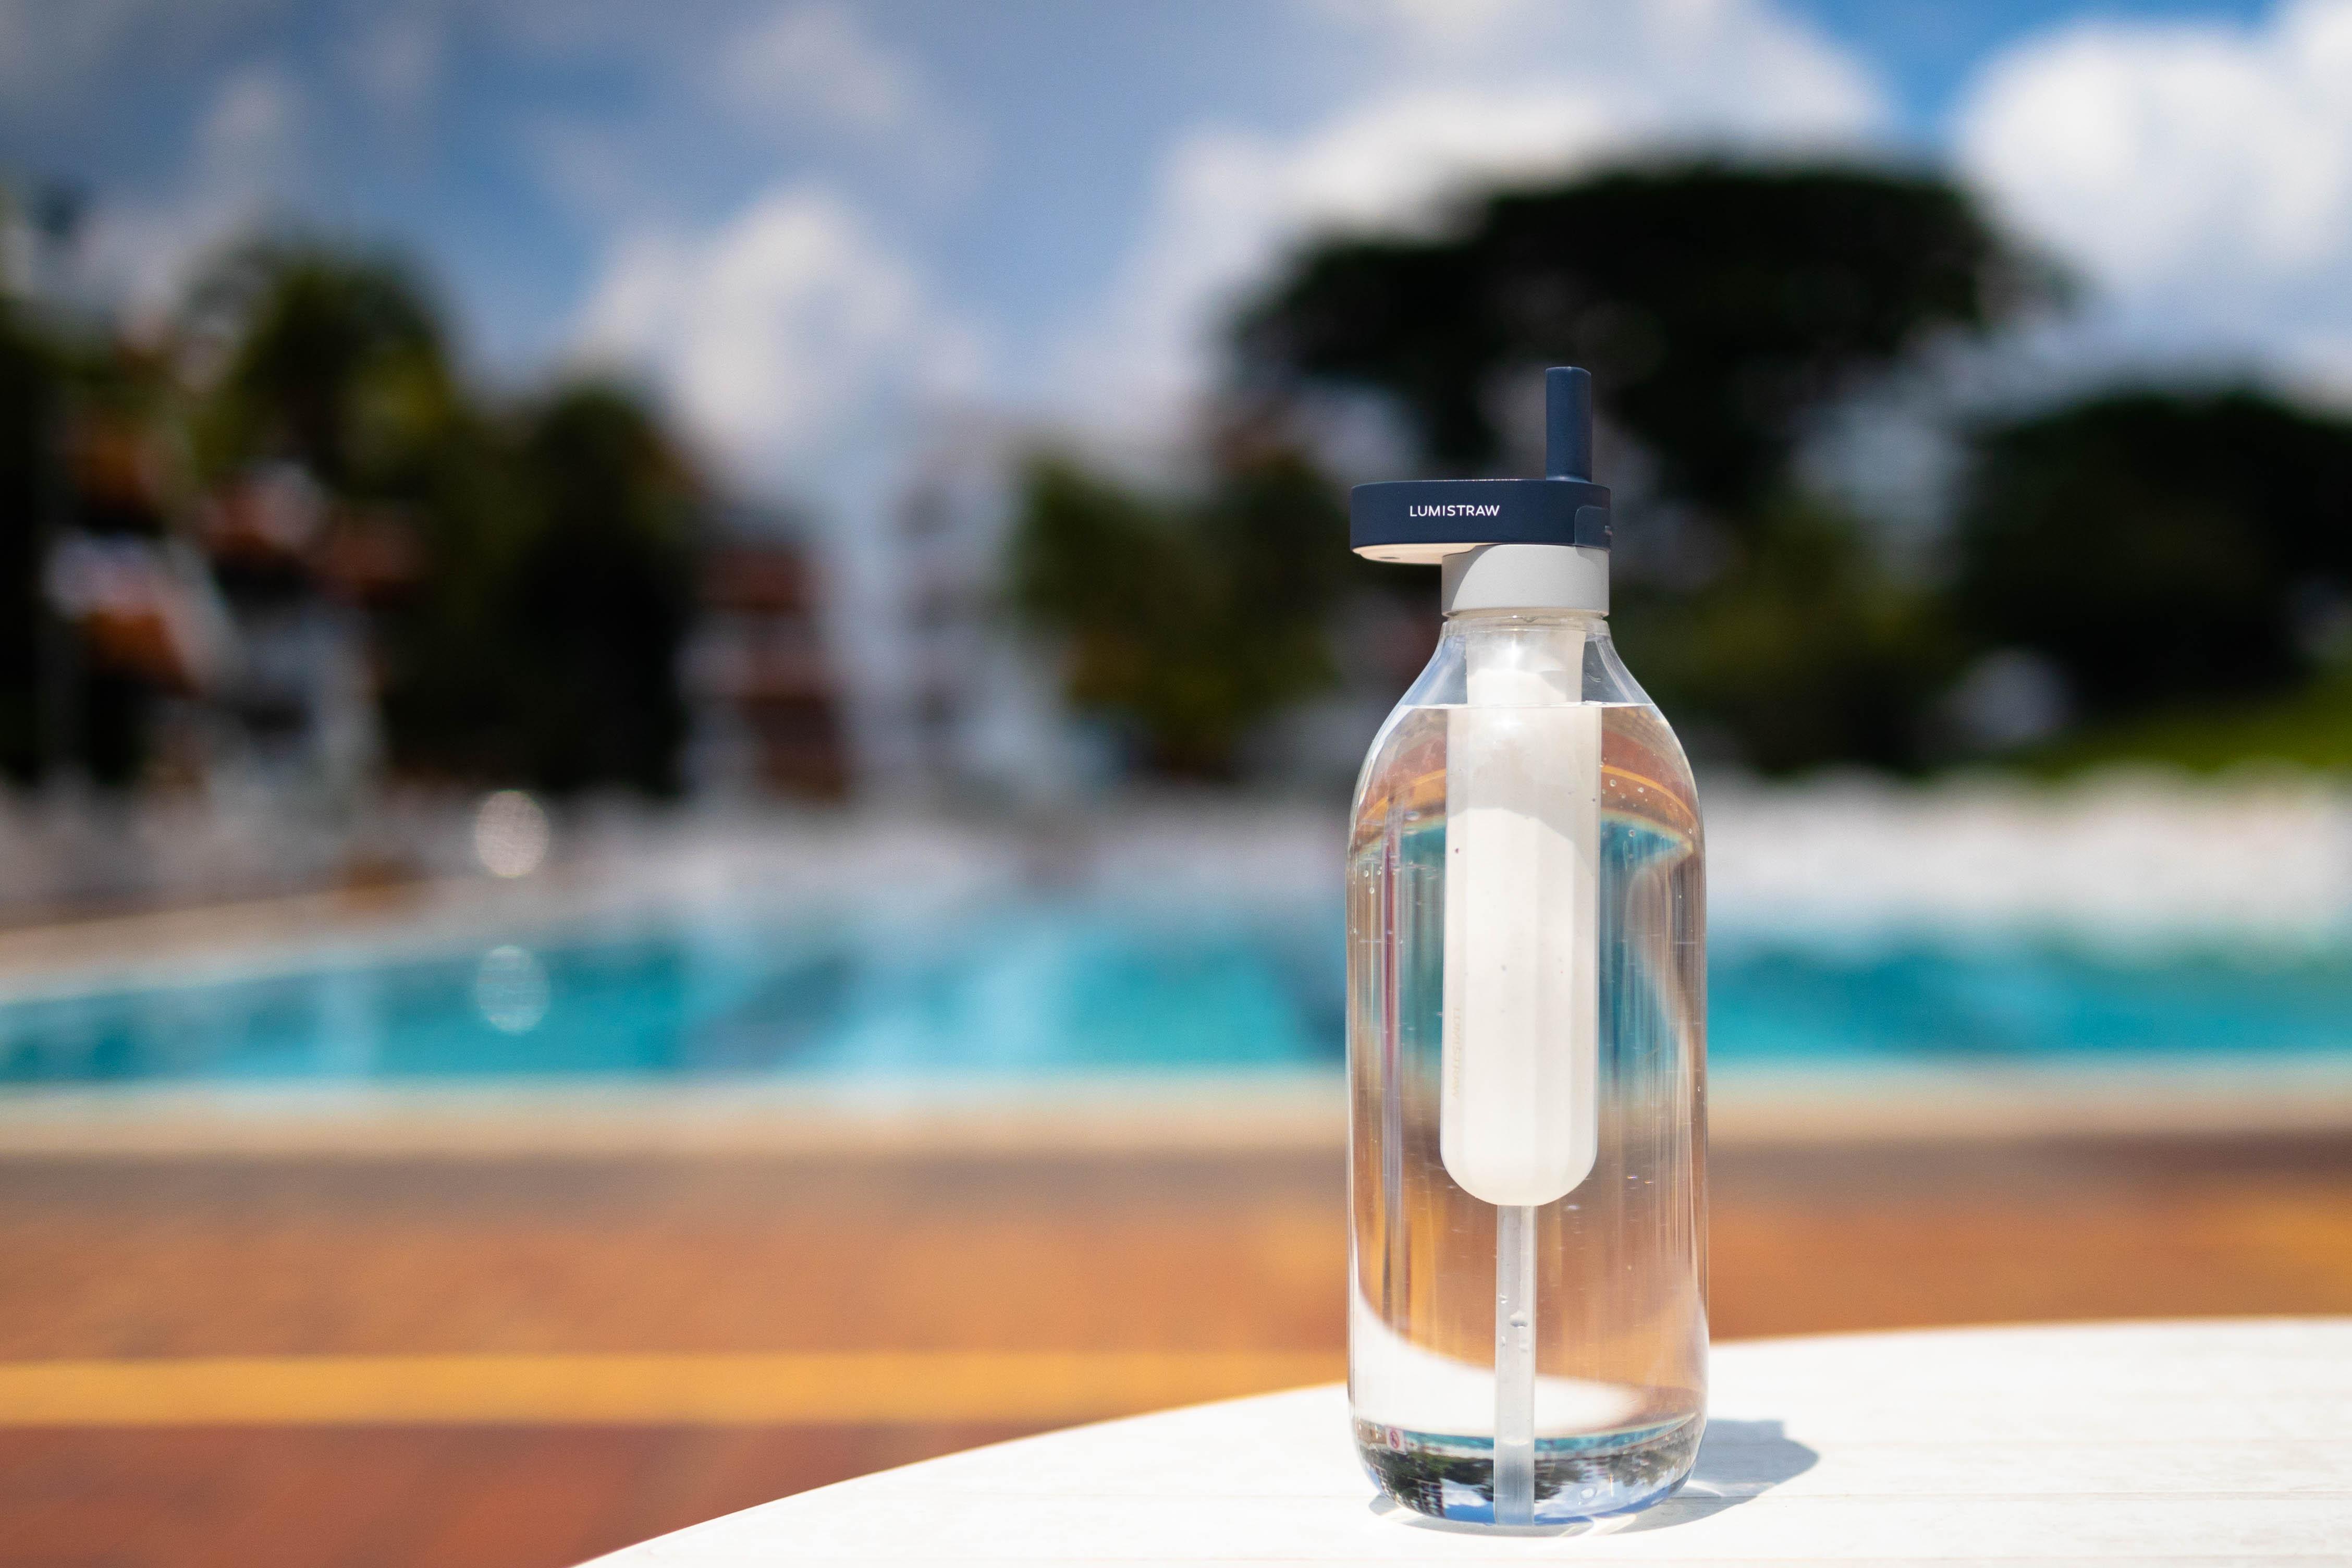 ボタン一つで水を浄化する再利用可能なストロー「LUMISTRAW」